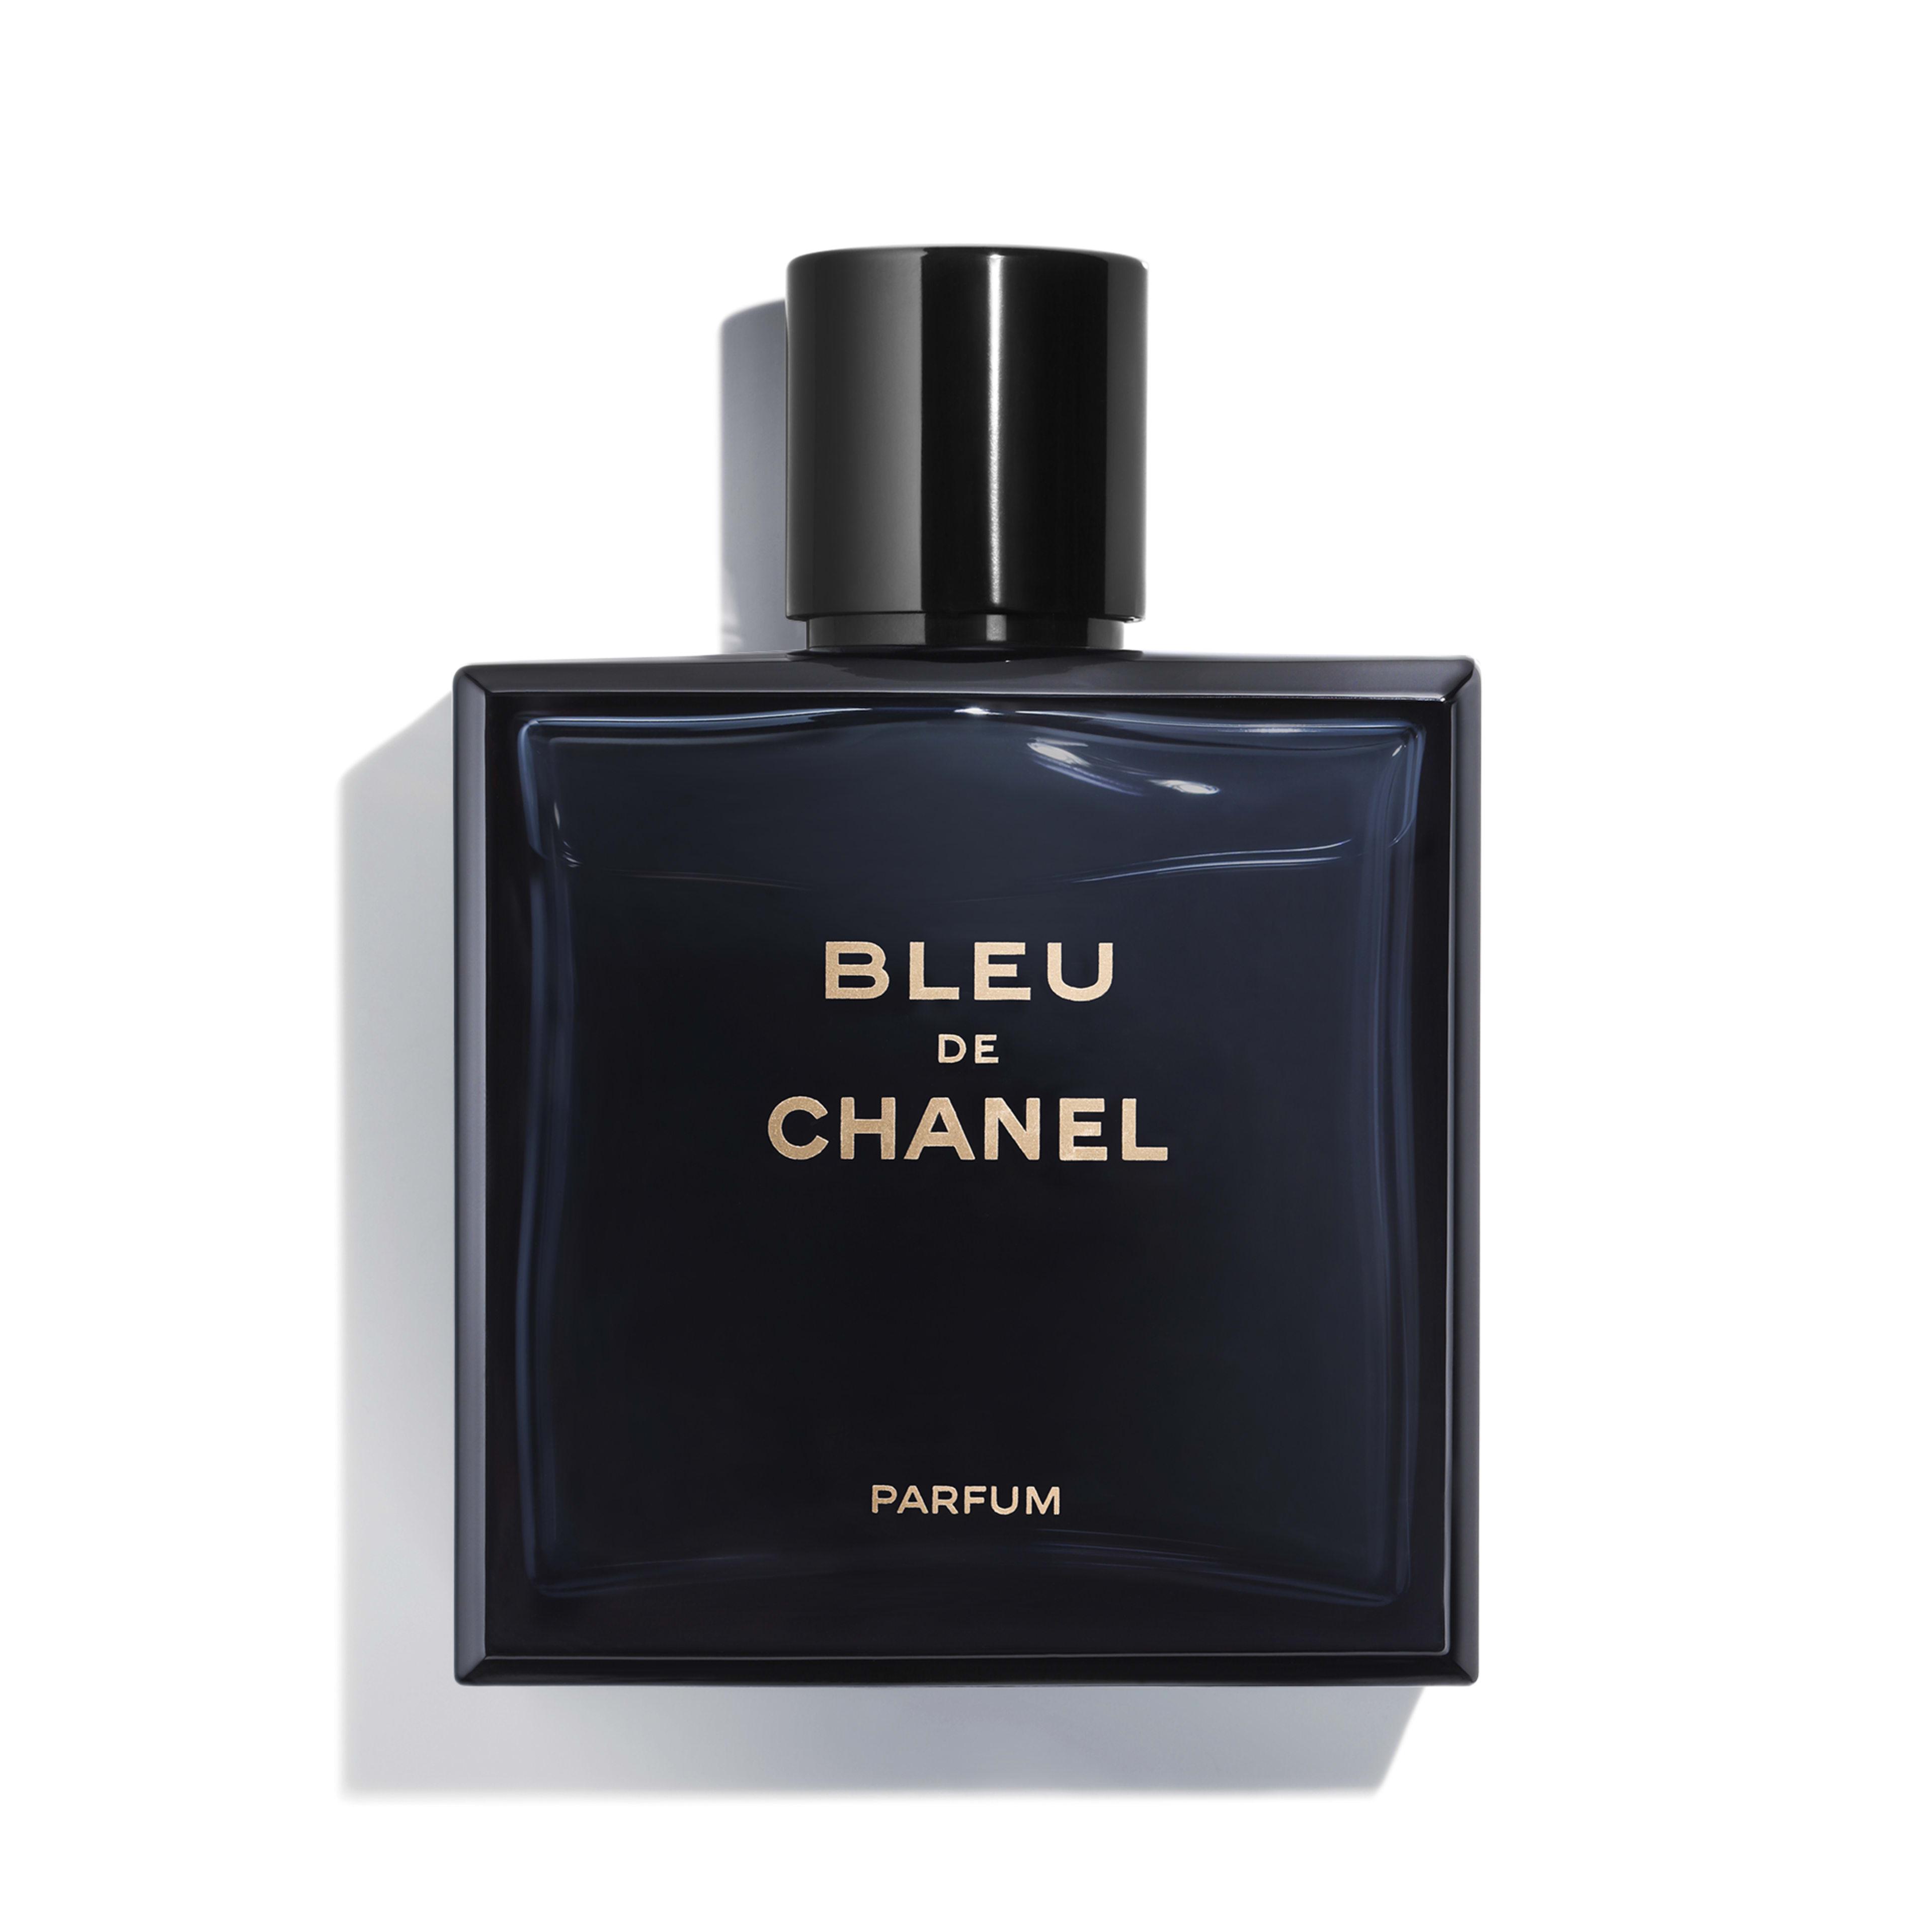 BLEU DE CHANEL - fragrance - 5FL. OZ. - Default view